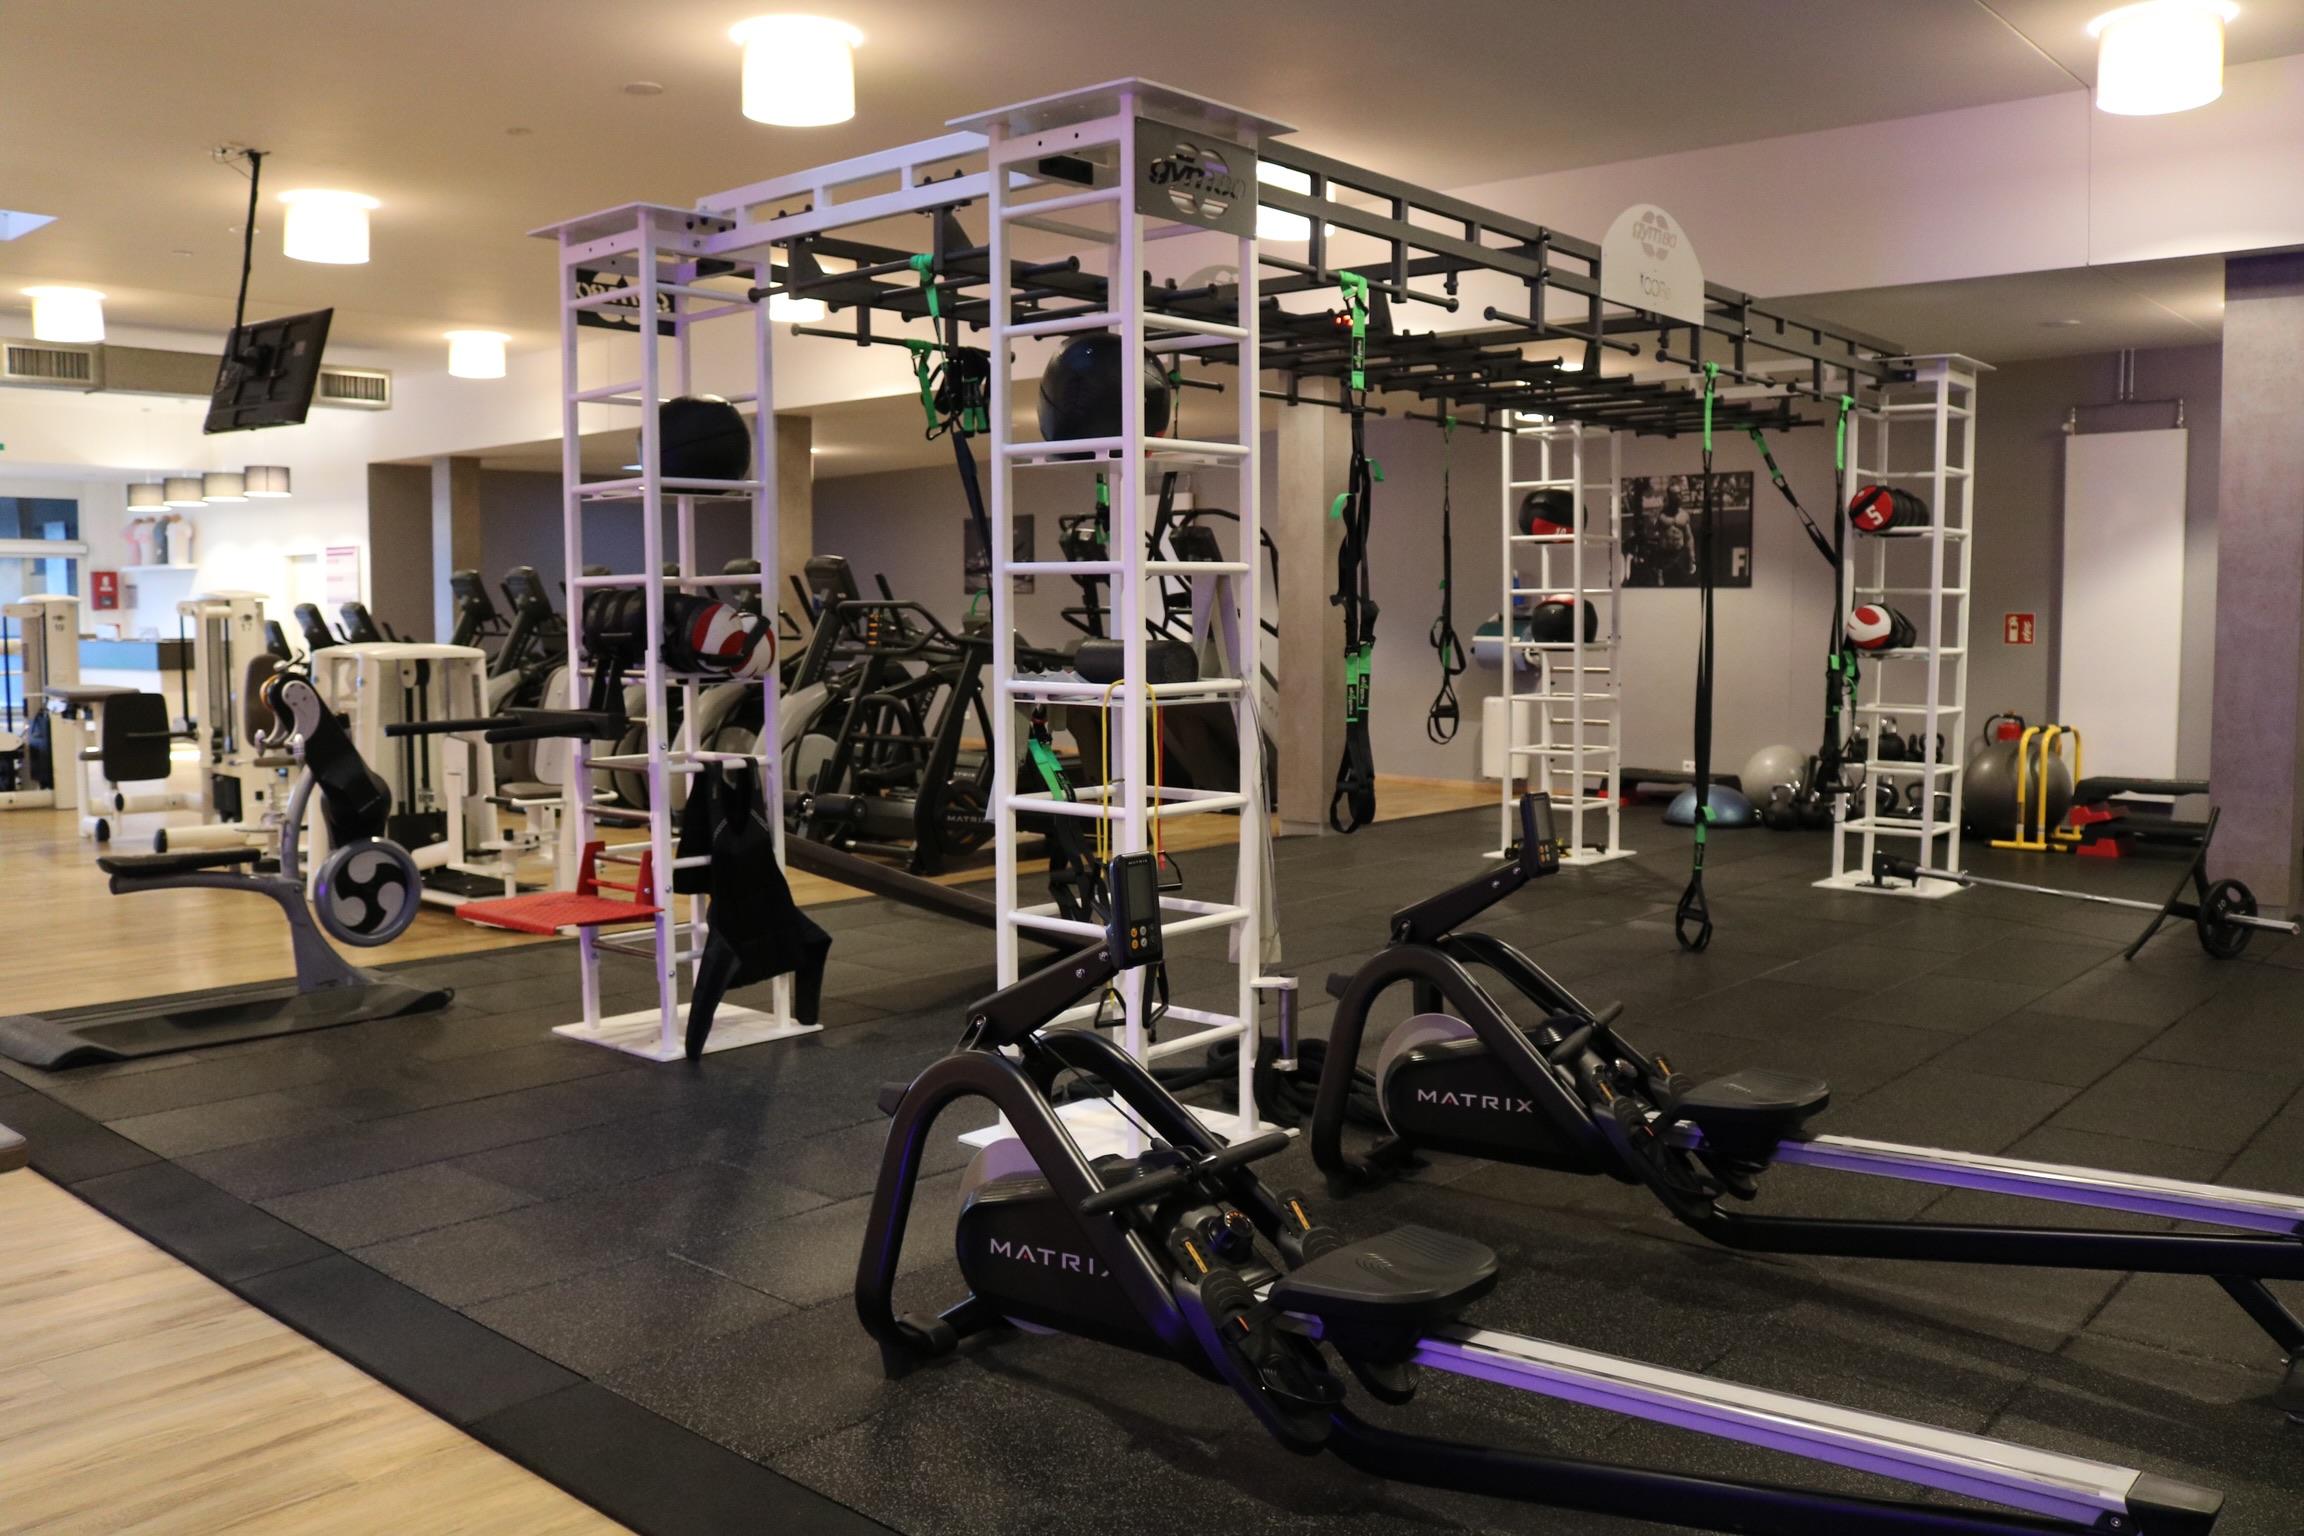 Funktionelles Training am Cage trainiert vor allem die Koordination und Stabilisation durch Übungen mit dem eigenen Körpergewicht. Mit zahlreichen Kleingeräten ist das Training extrem abwechslungsreich und individuell